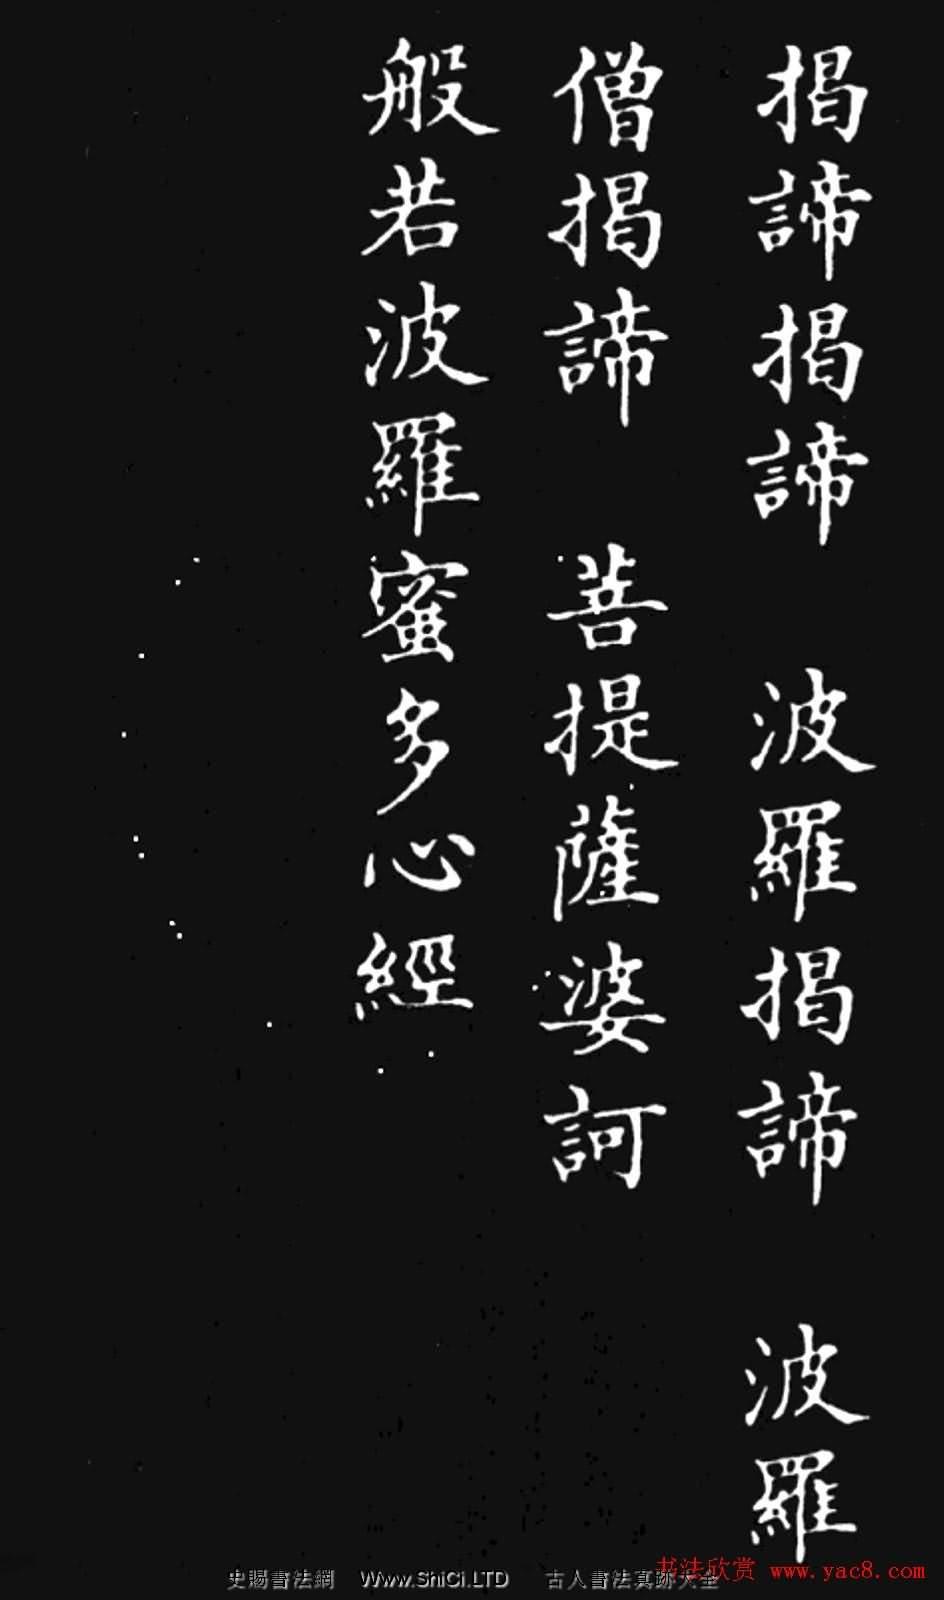 林則徐楷書作品《心經》